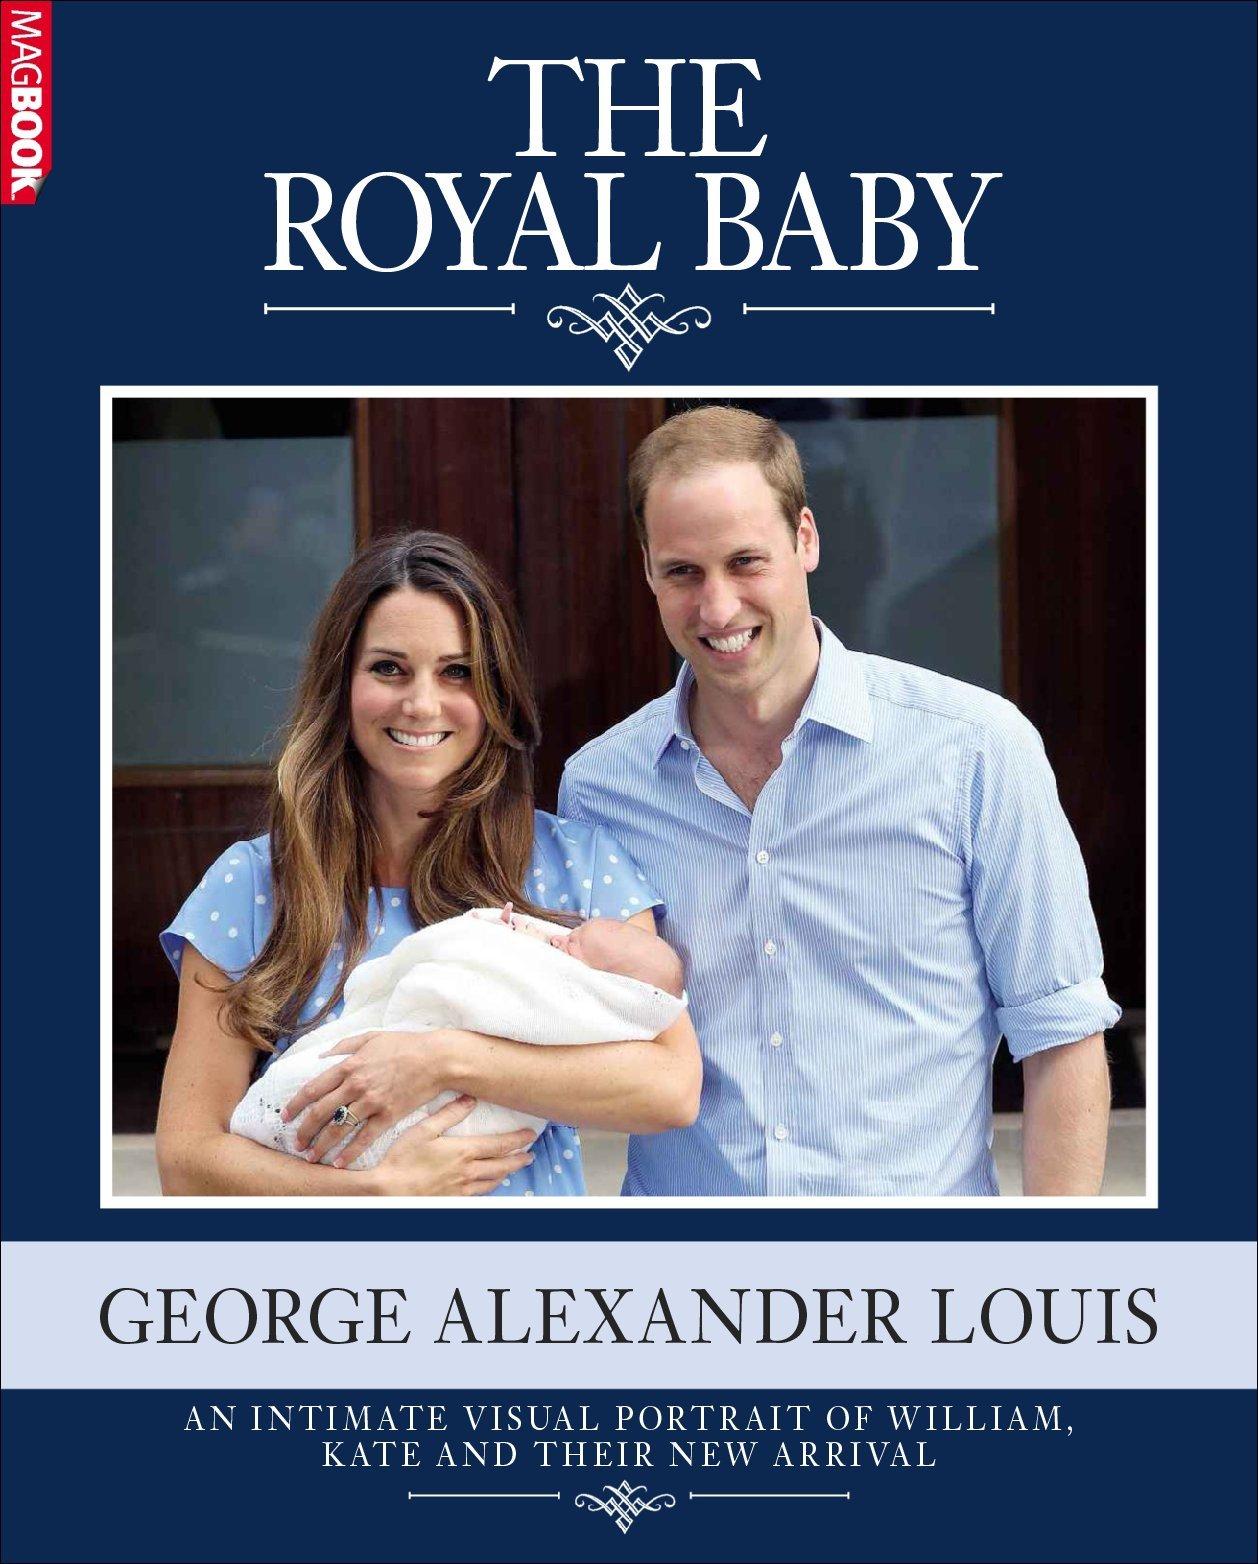 The Royal Baby Digital